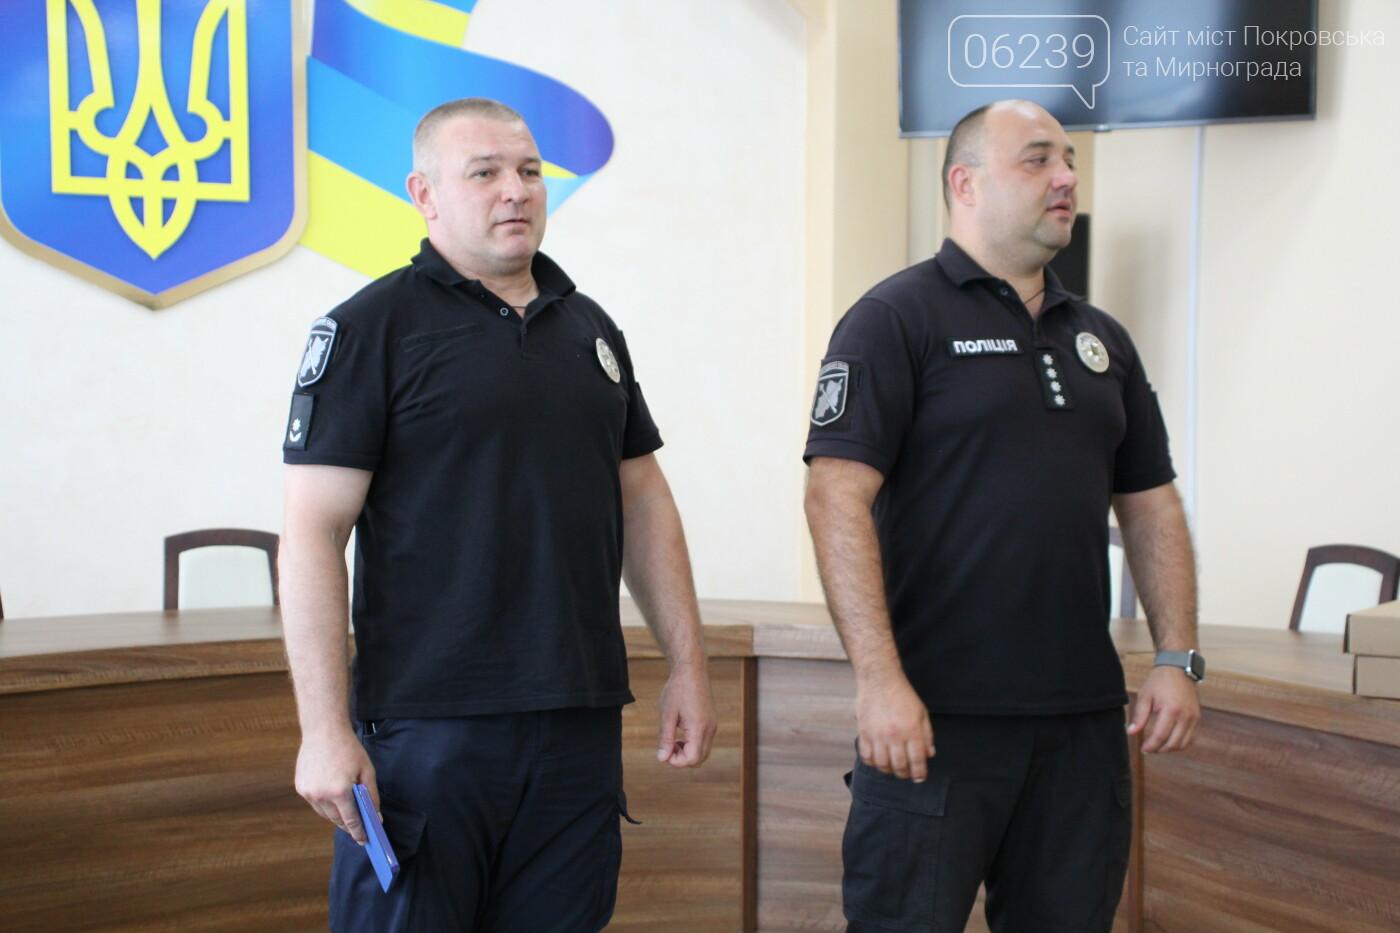 Накануне профессионального праздника в Покровске отметили лучших полицейских , фото-8